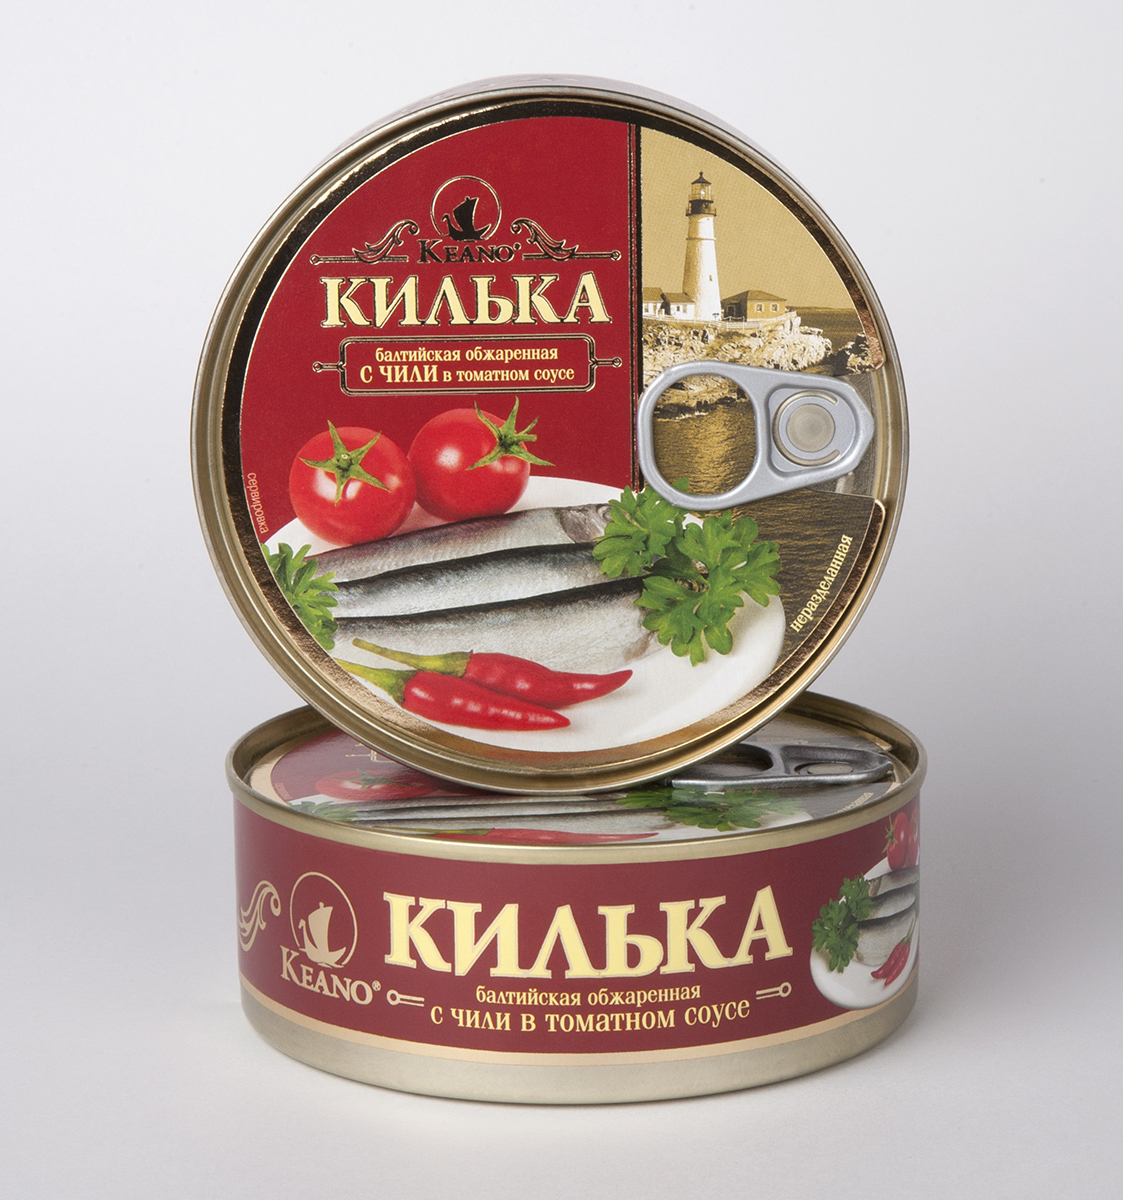 KeanoКилька в томате с чили 240 г